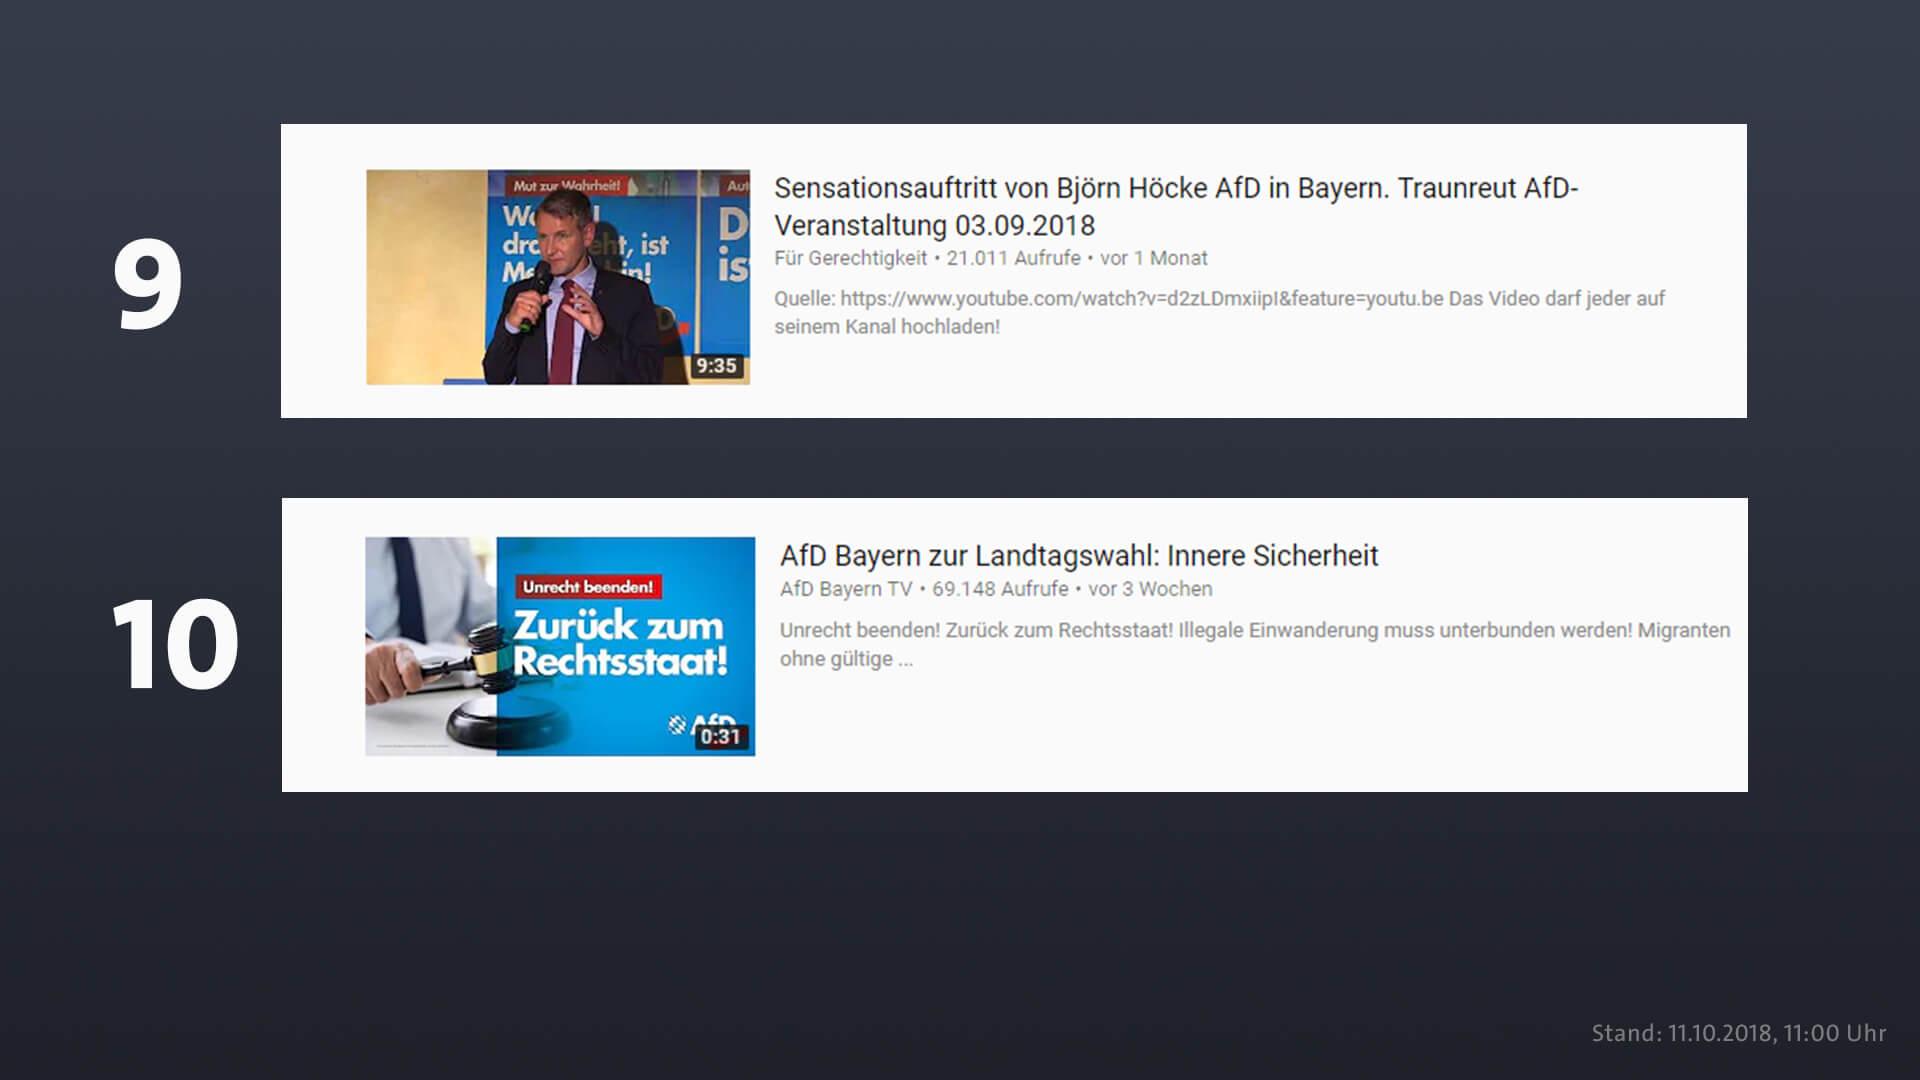 deutsche rentenversicherung verlauf online dating